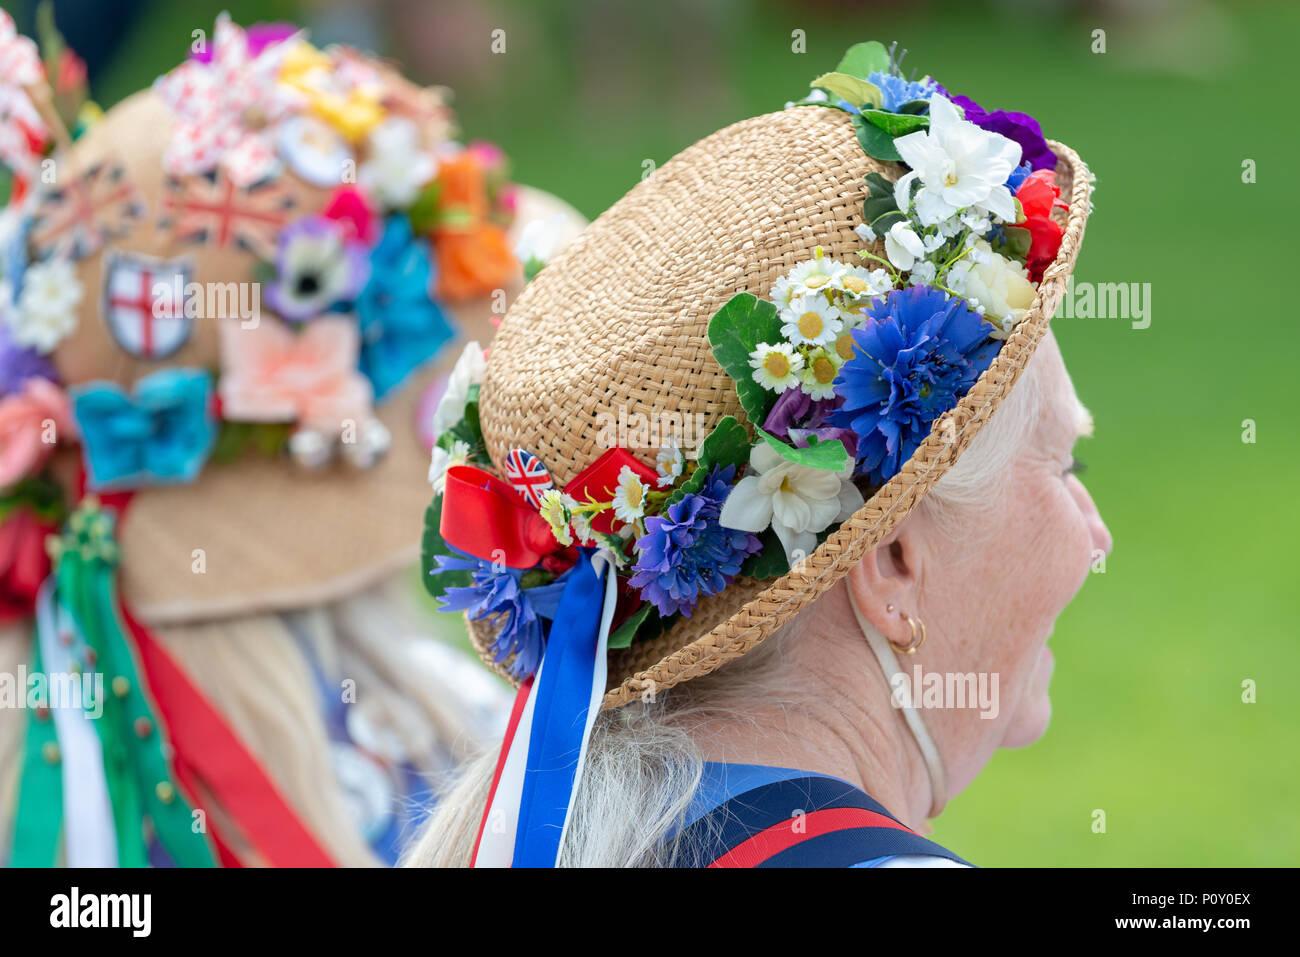 Female morris ballerini indossando cappelli estivi ricoperto di fiori  colorati e nastro di chattare mentre 15c89adc6f28